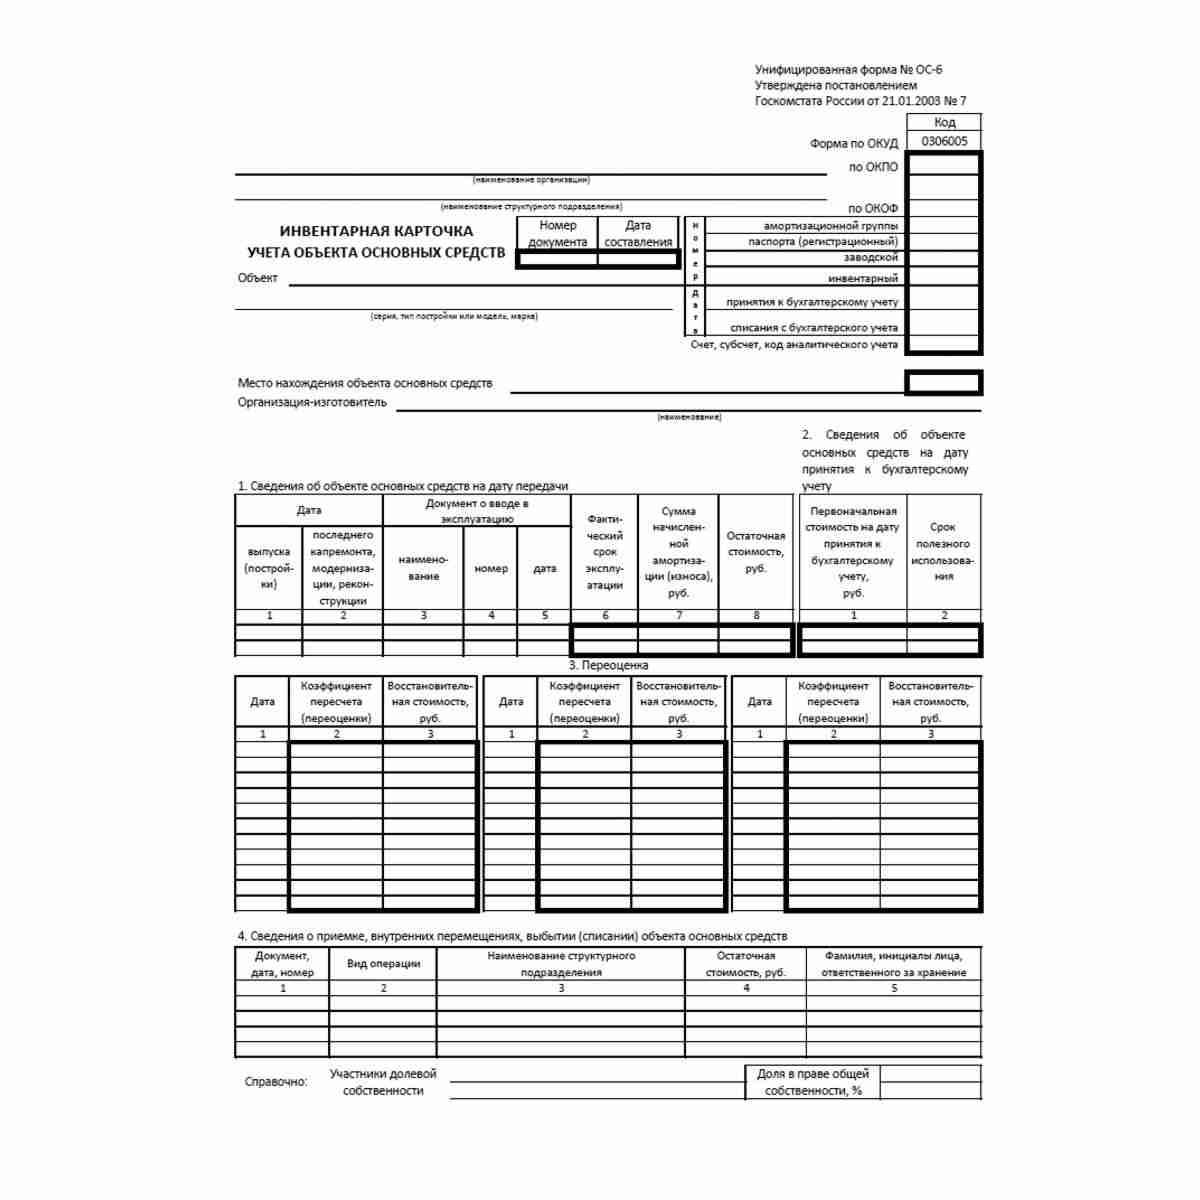 """Унифицированная форма первичной учетной документации № ОС-6 """"Инвентарная карточка учета объекта основных средств"""" (ОКУД 0306005). Лицевая сторона."""